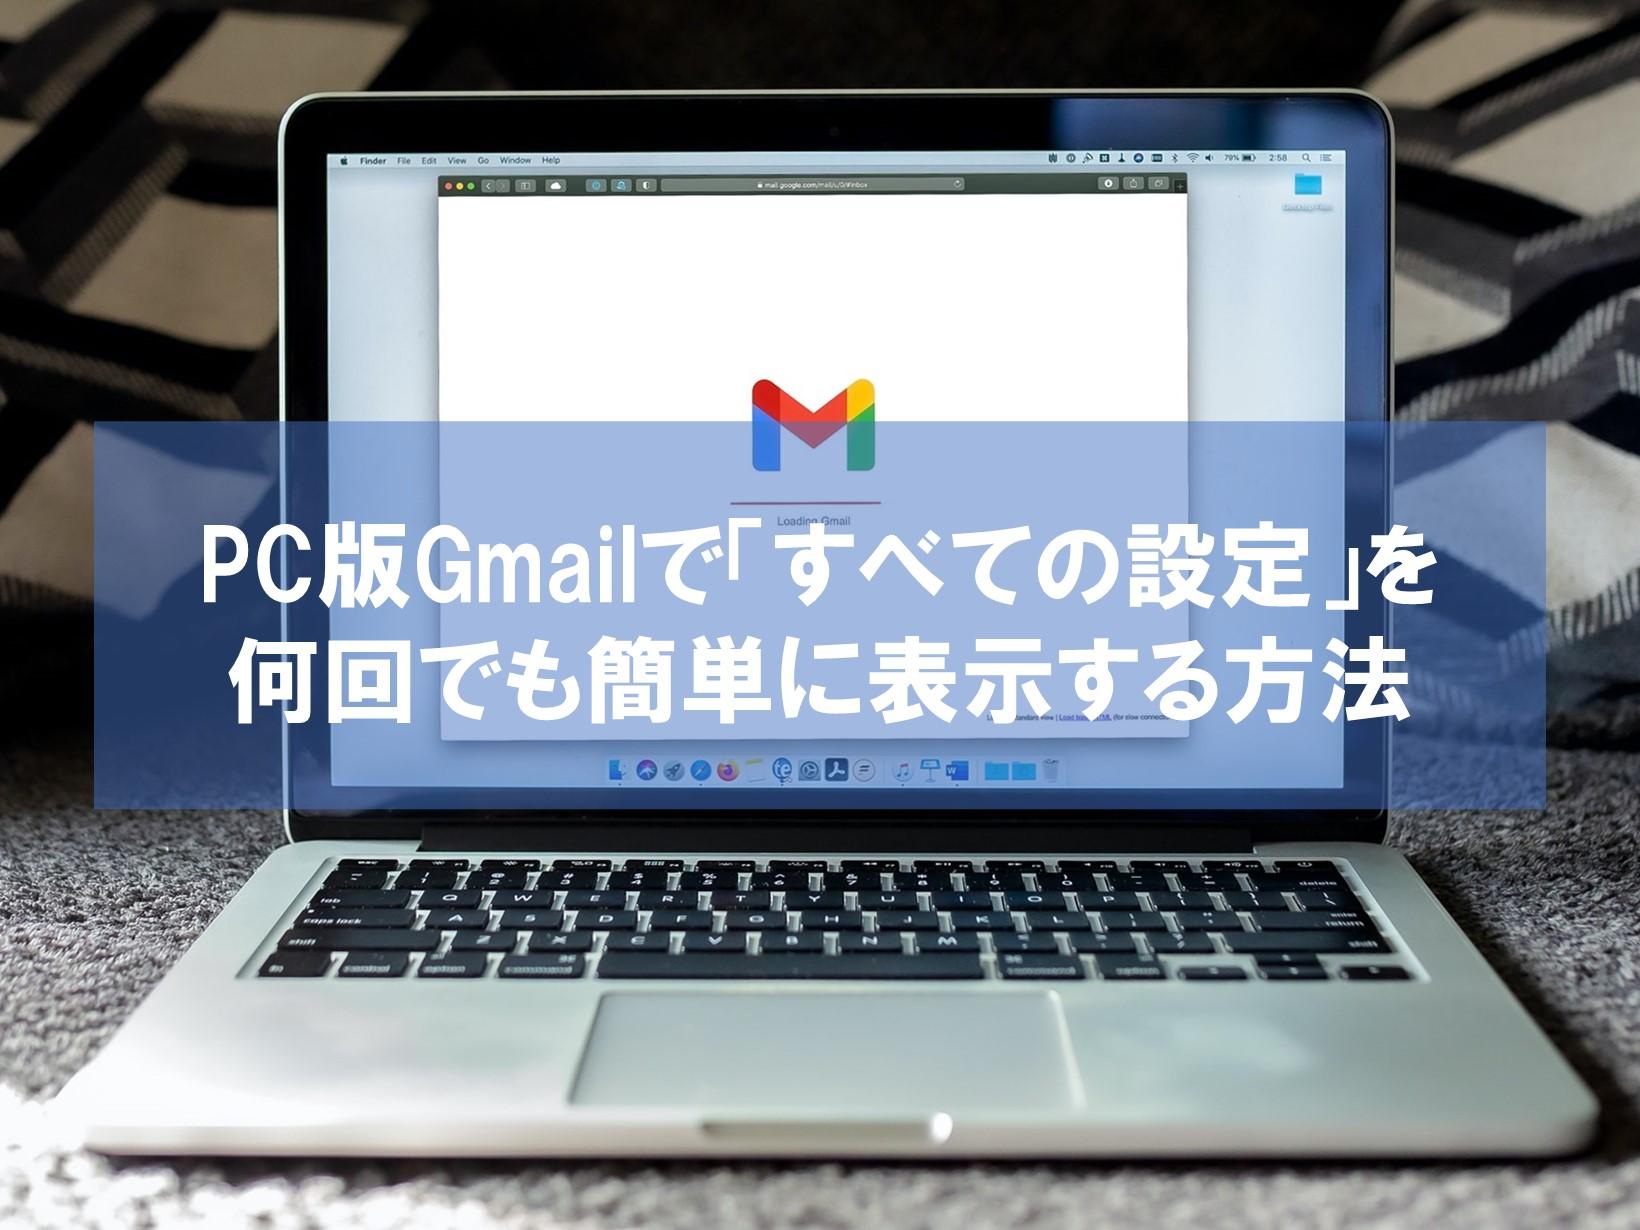 PC版Gmailで「すべての設定」を何回でも簡単に表示する方法